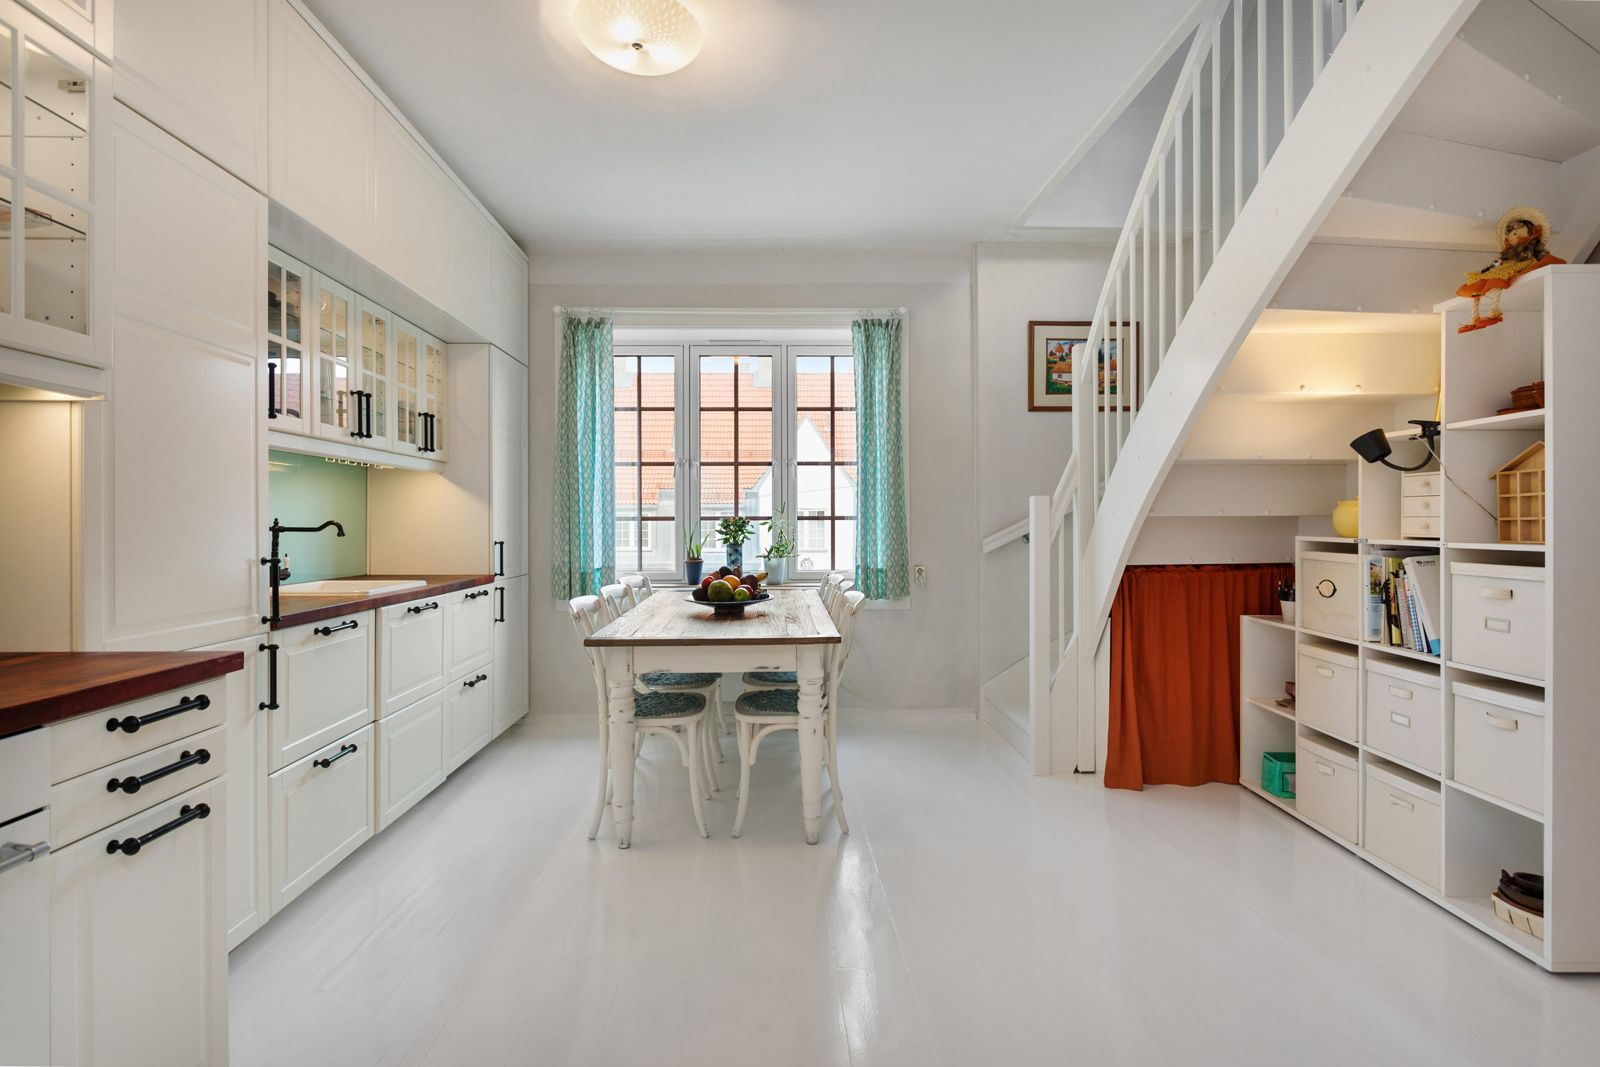 Bergensgata 18B Kjøkkeninnredning fra 2013 med profilerte lyse fronter samt overskap med glassfelt og belysning. Moderne og funksjonelt kjøkken som utnyttet den gode takhøyden, designet av en interiørarkitekt som har ledet montøren (de har bruk materialer fra både IKEA o